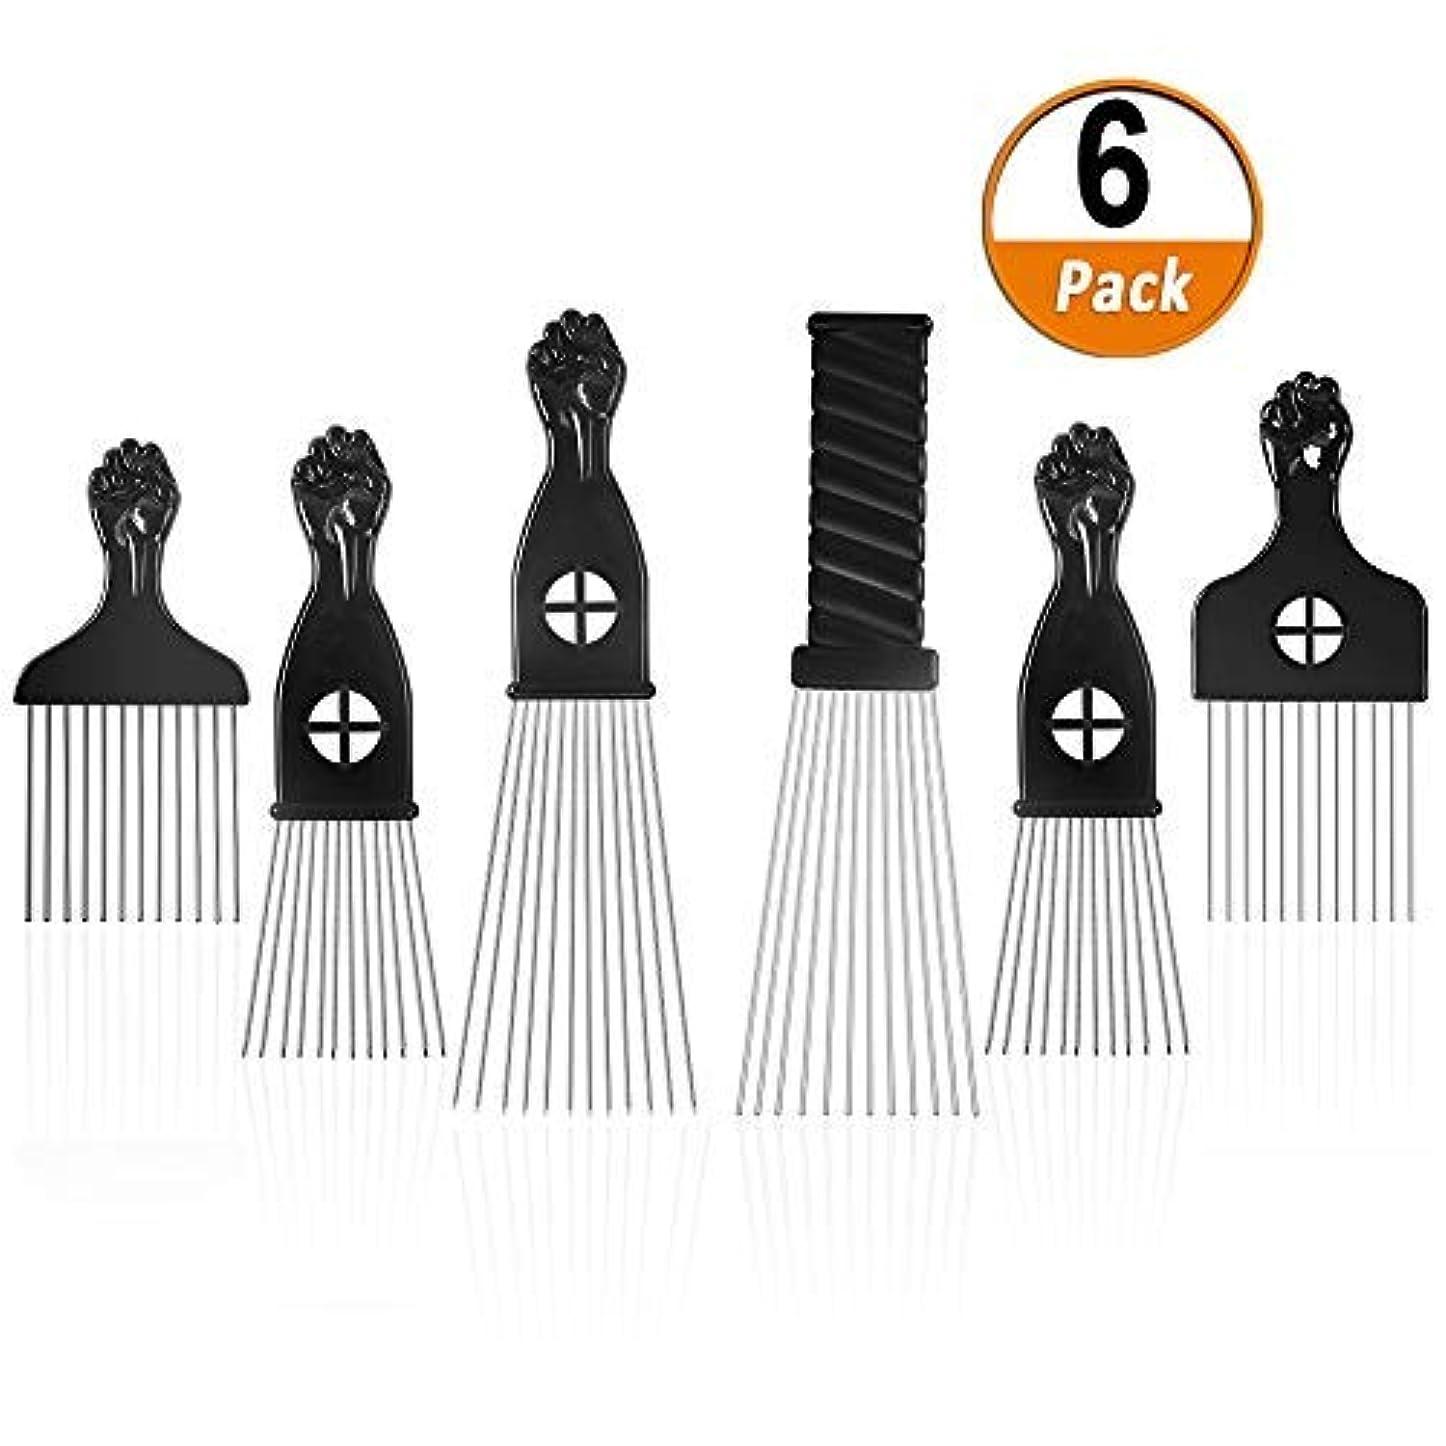 プロジェクター誇大妄想さらにAfro Pick 6 Pack Metal African American Afro Hair Comb Hairdressing Styling Tool Hair Pick with Black Fist [並行輸入品]